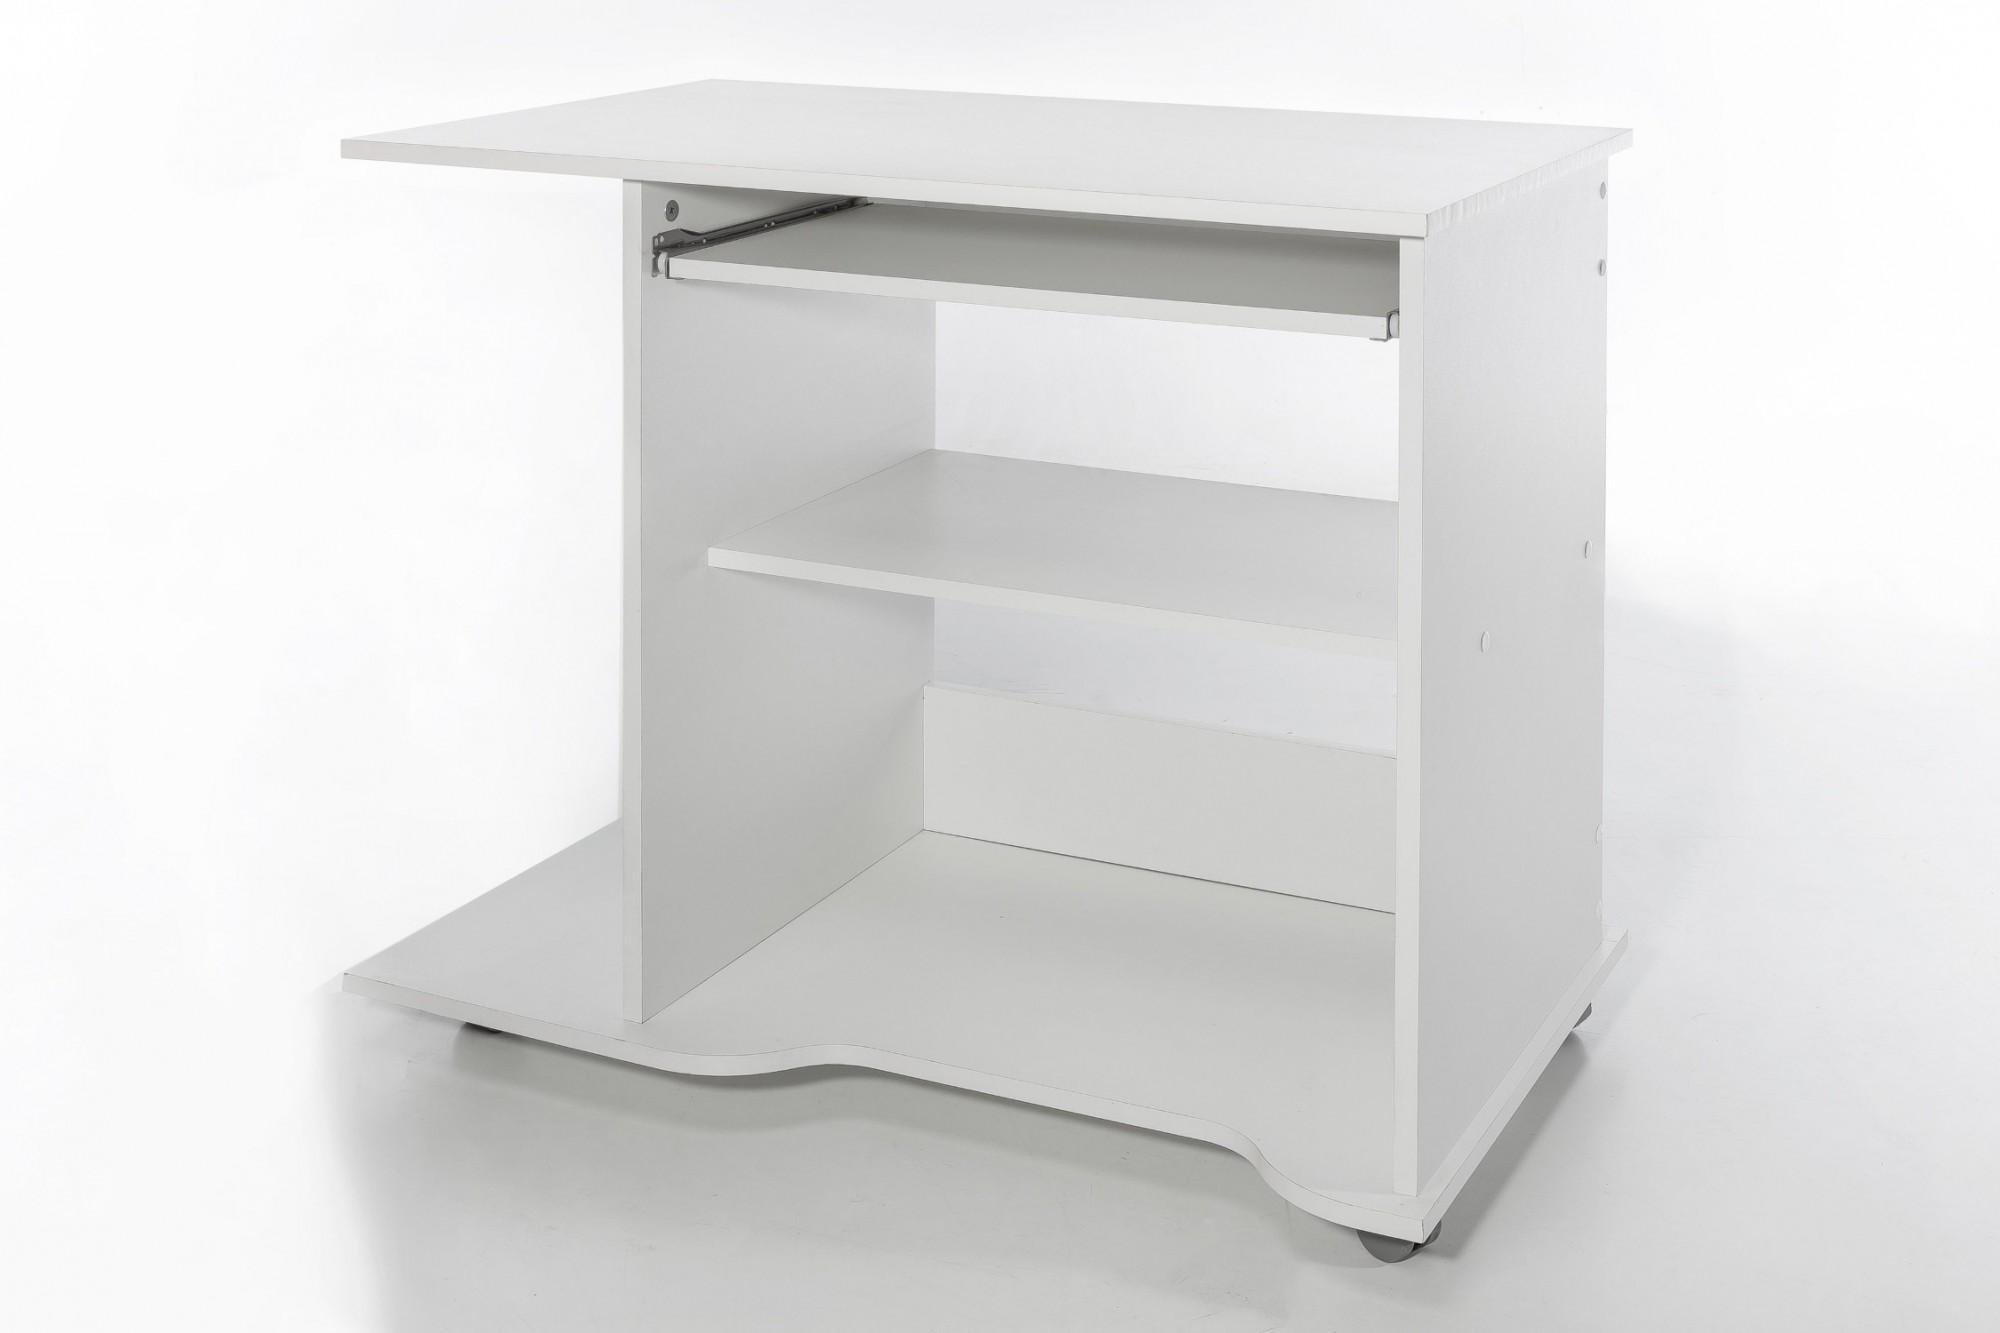 pc schreibtisch tom 80 cm breite wei wohnen schreibtische. Black Bedroom Furniture Sets. Home Design Ideas